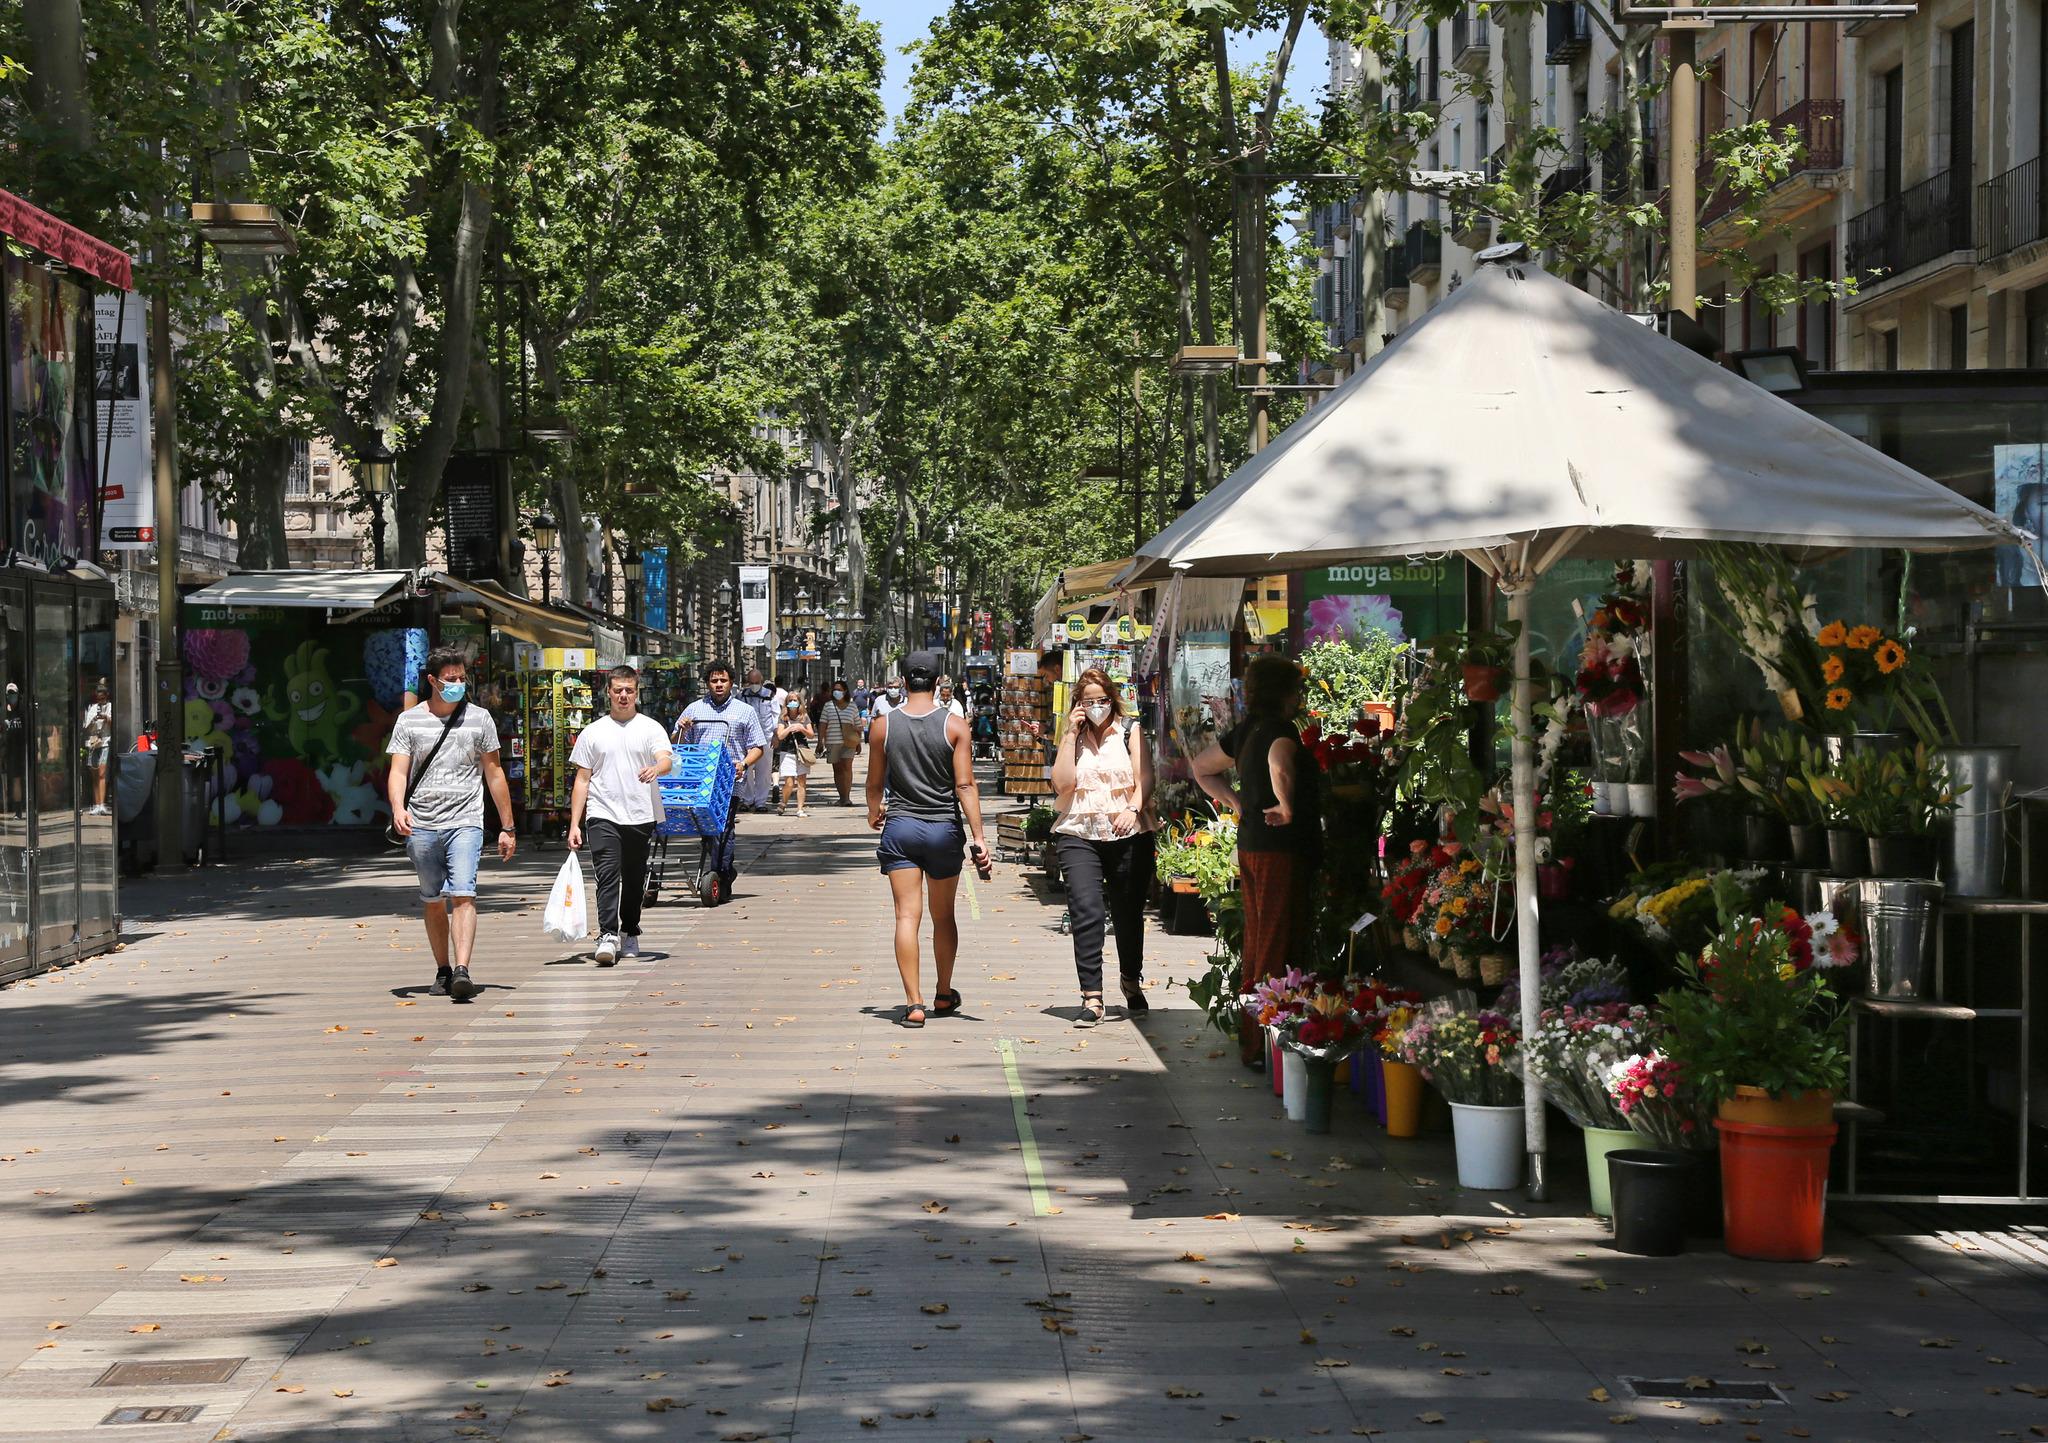 Primeros turistas días atrás en Las Ramblas de Barcelona.